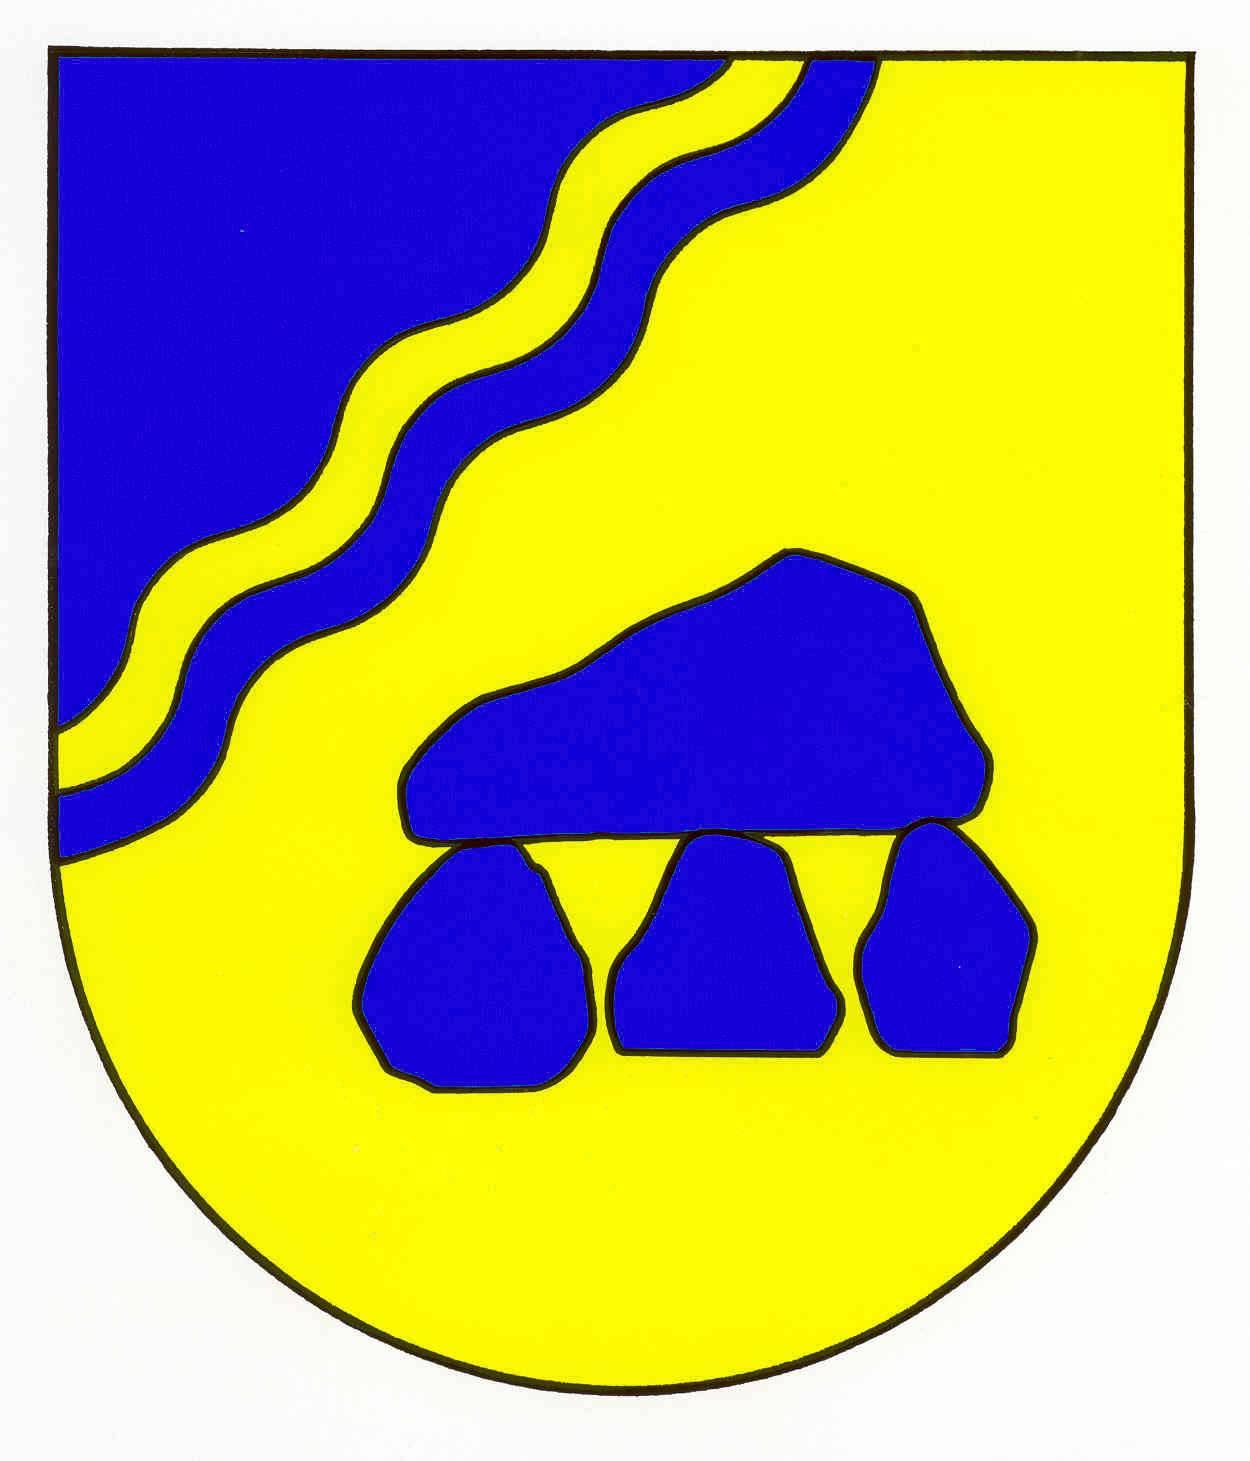 Wappen GemeindeSchwedeneck, Kreis Rendsburg-Eckernförde